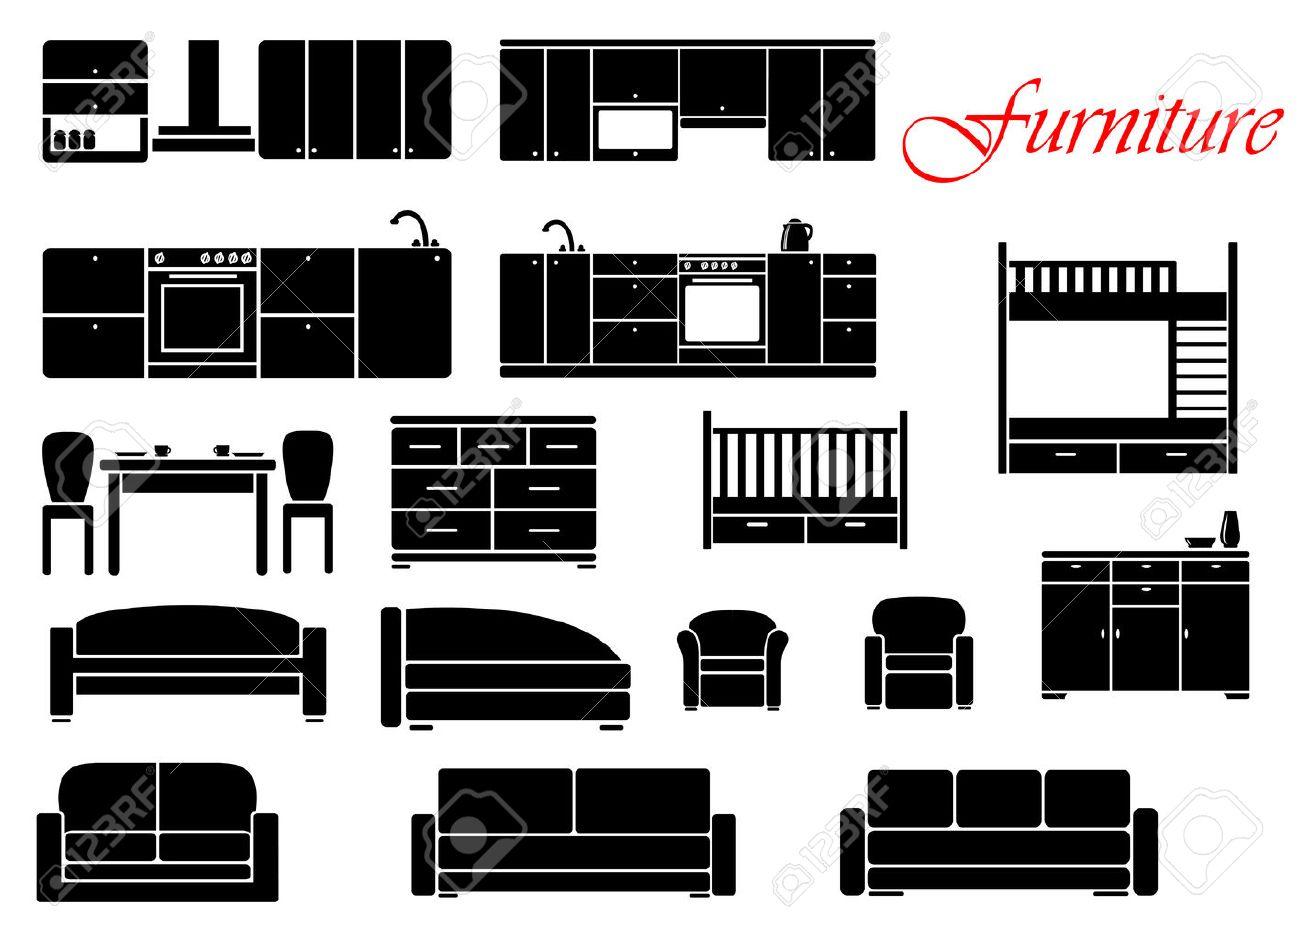 Geassorteerde silhouet meubelen met stoel, bed, tafel, keuken, een ...